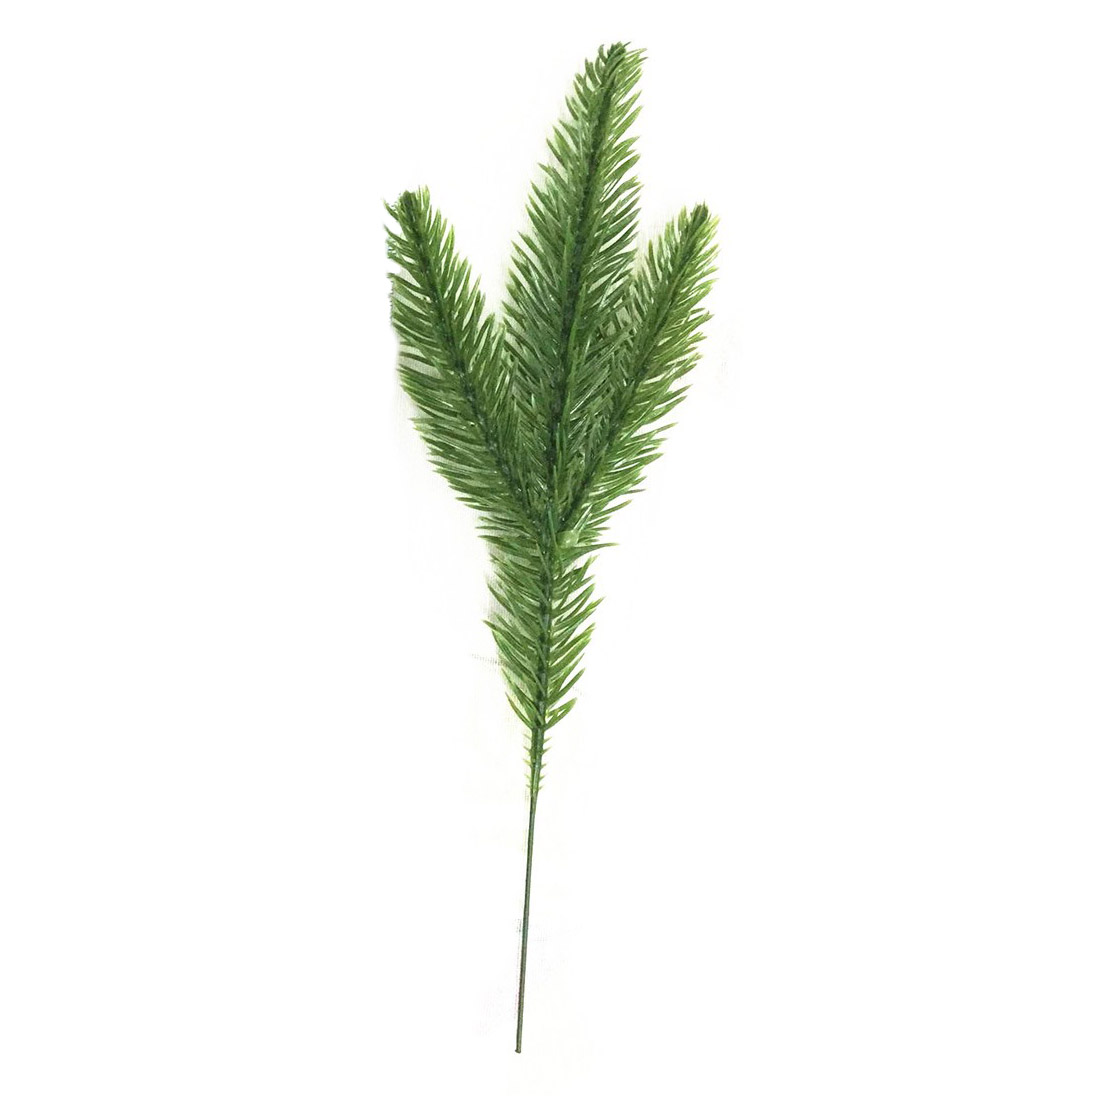 20pcs lot christmas trees decorative simulation plant Flower arranging access